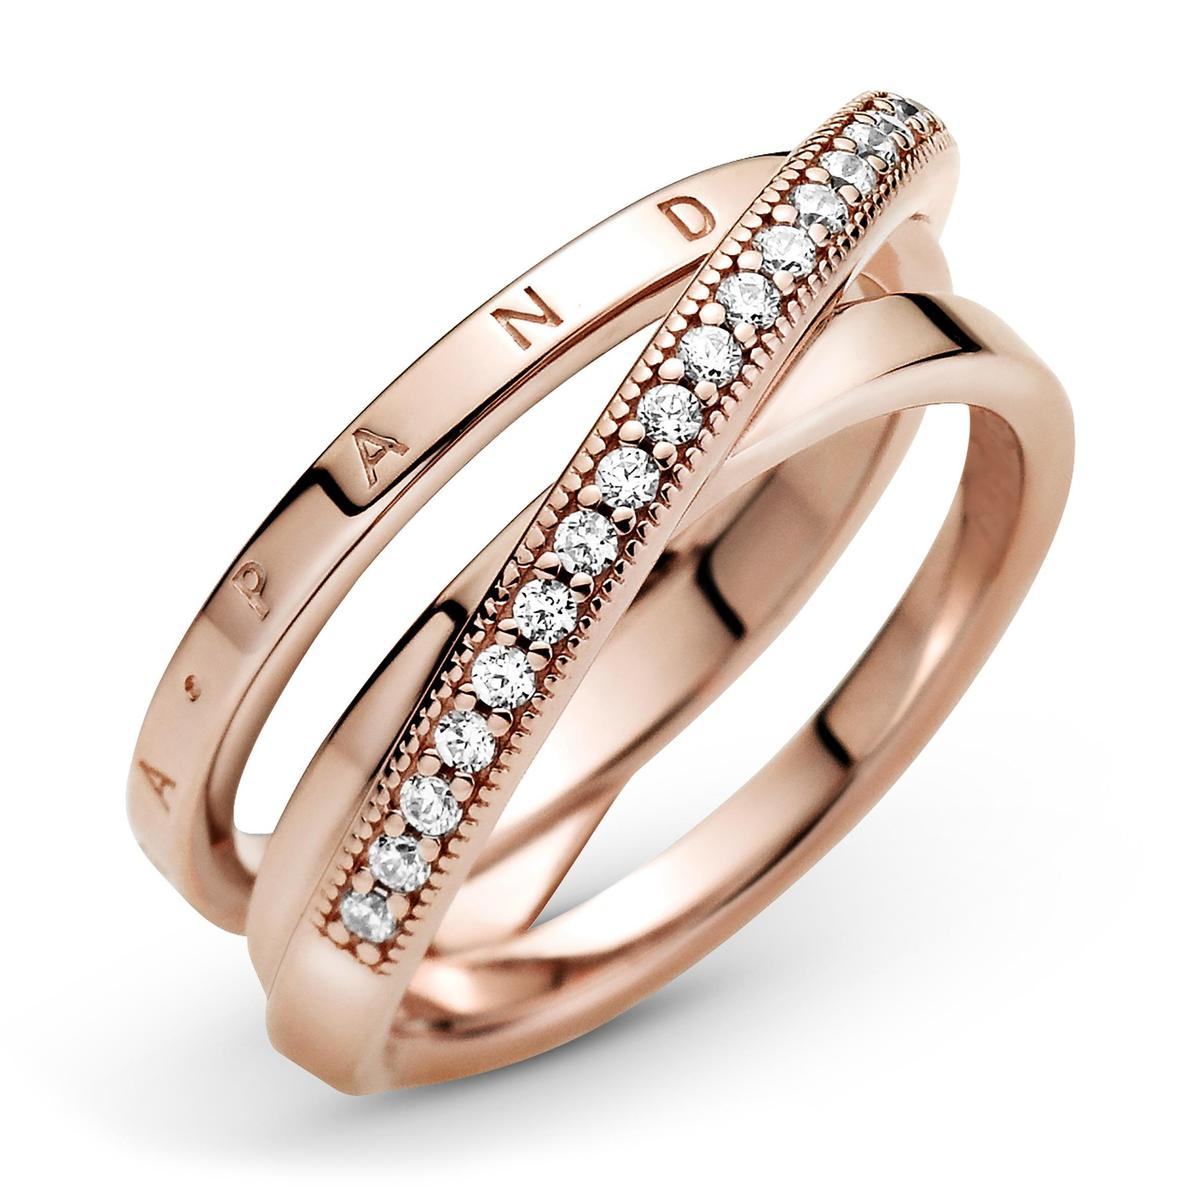 PANDORA Rose Signature交疊環圈鋯石戒指。NT$3,980。(PANDORA提供)